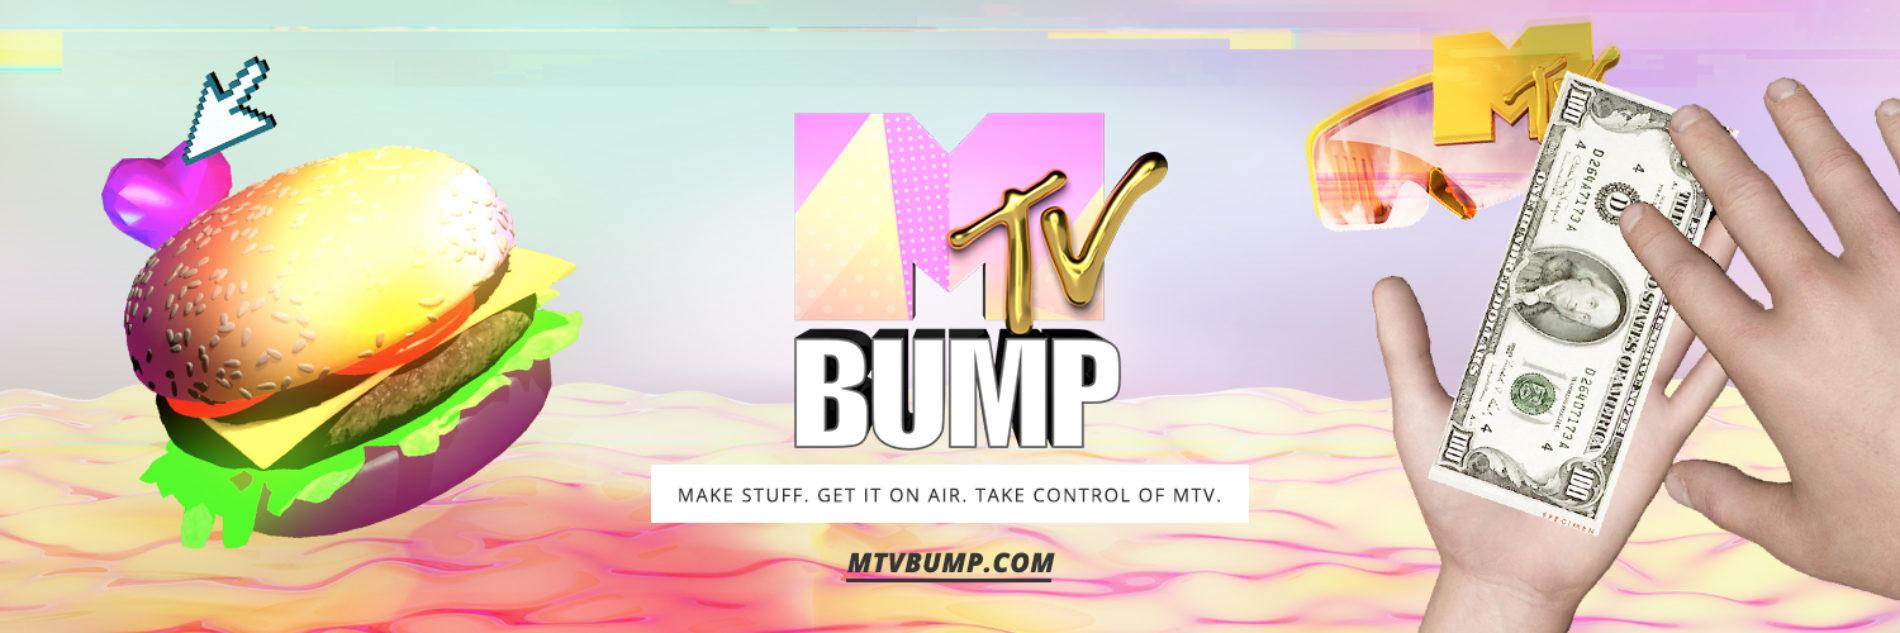 LA NUEVA IMAGEN DE MTV